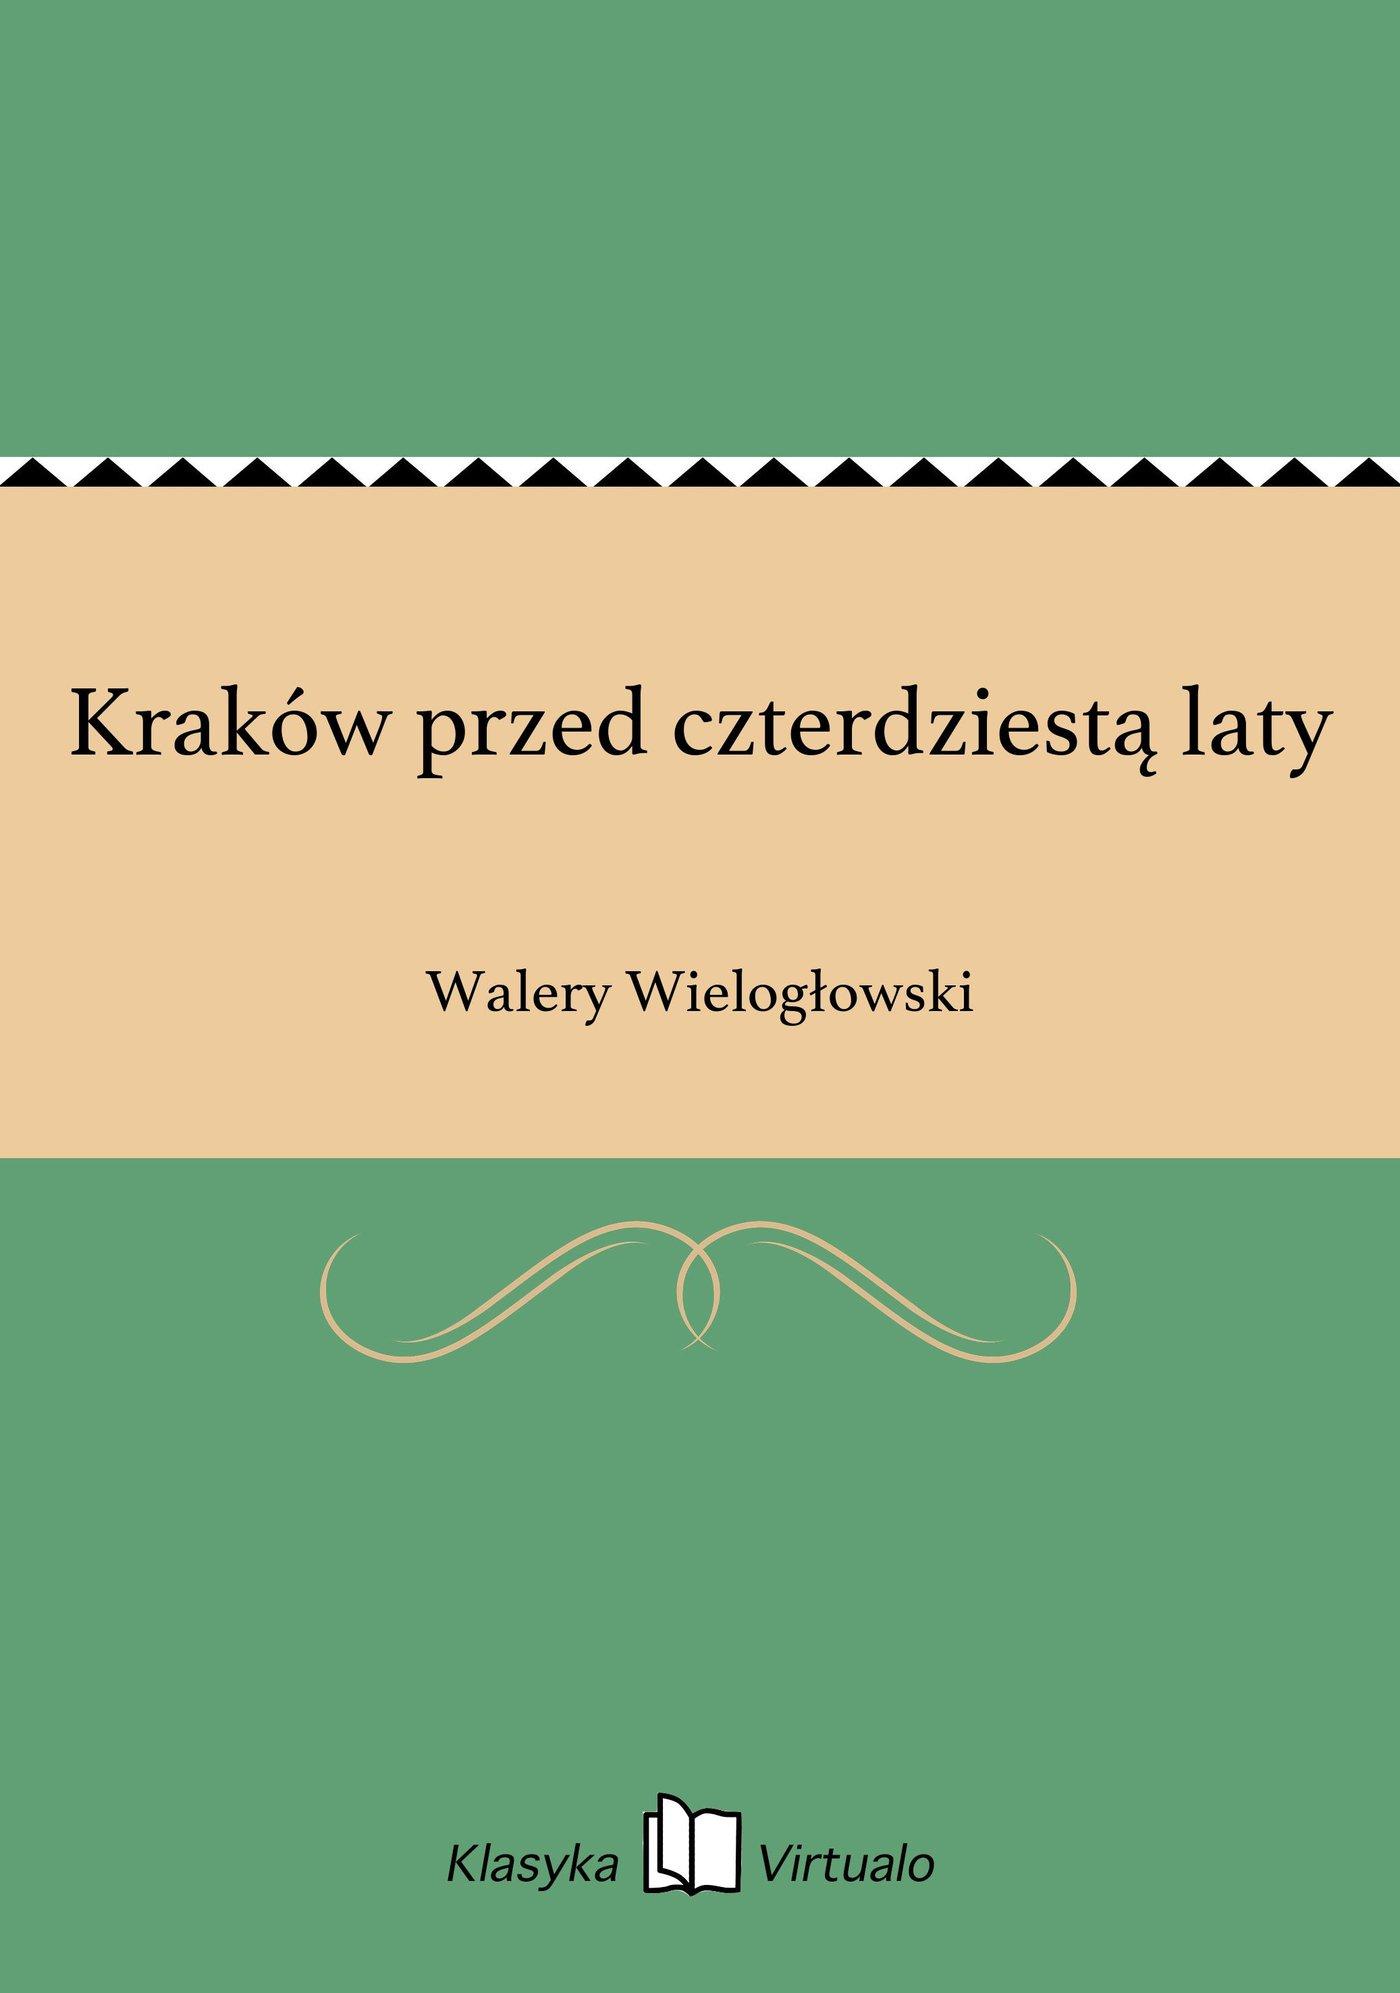 Kraków przed czterdziestą laty - Ebook (Książka EPUB) do pobrania w formacie EPUB